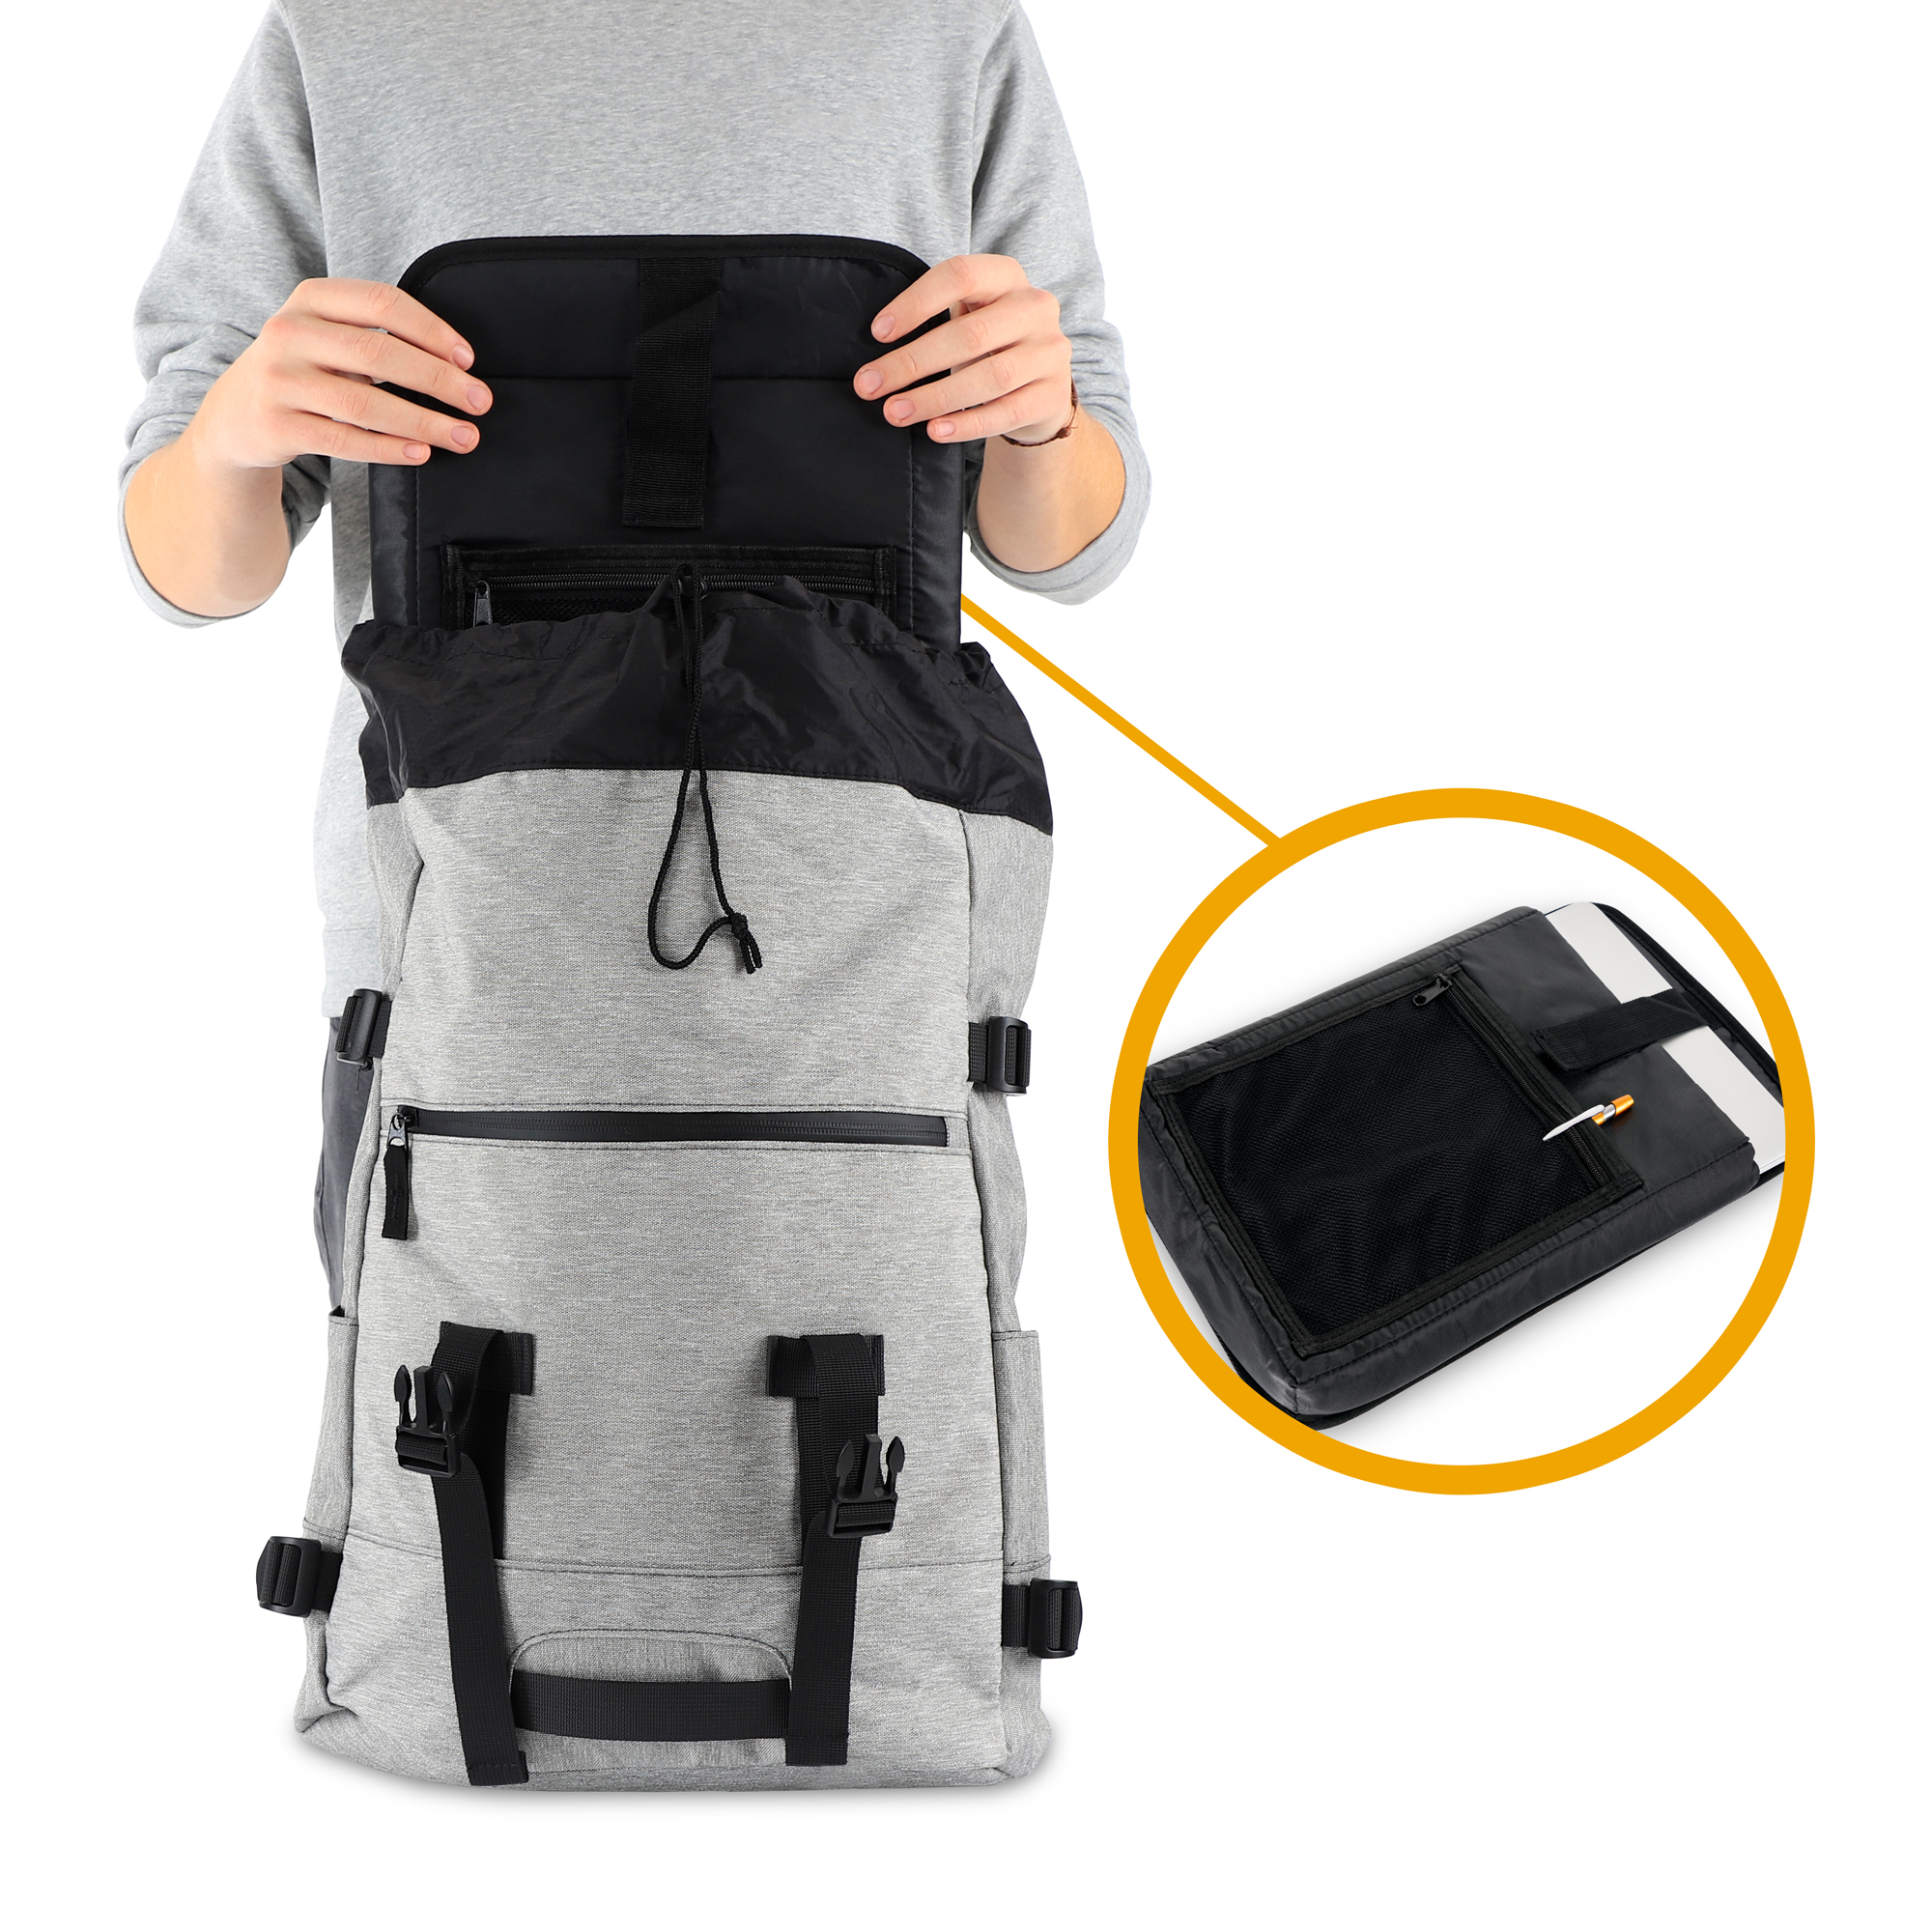 Sac-a-Dos-Backpack-Bandouliere-Ordinateur-Laptop-Ecole-Voyage-Unisexe-Gris miniature 7